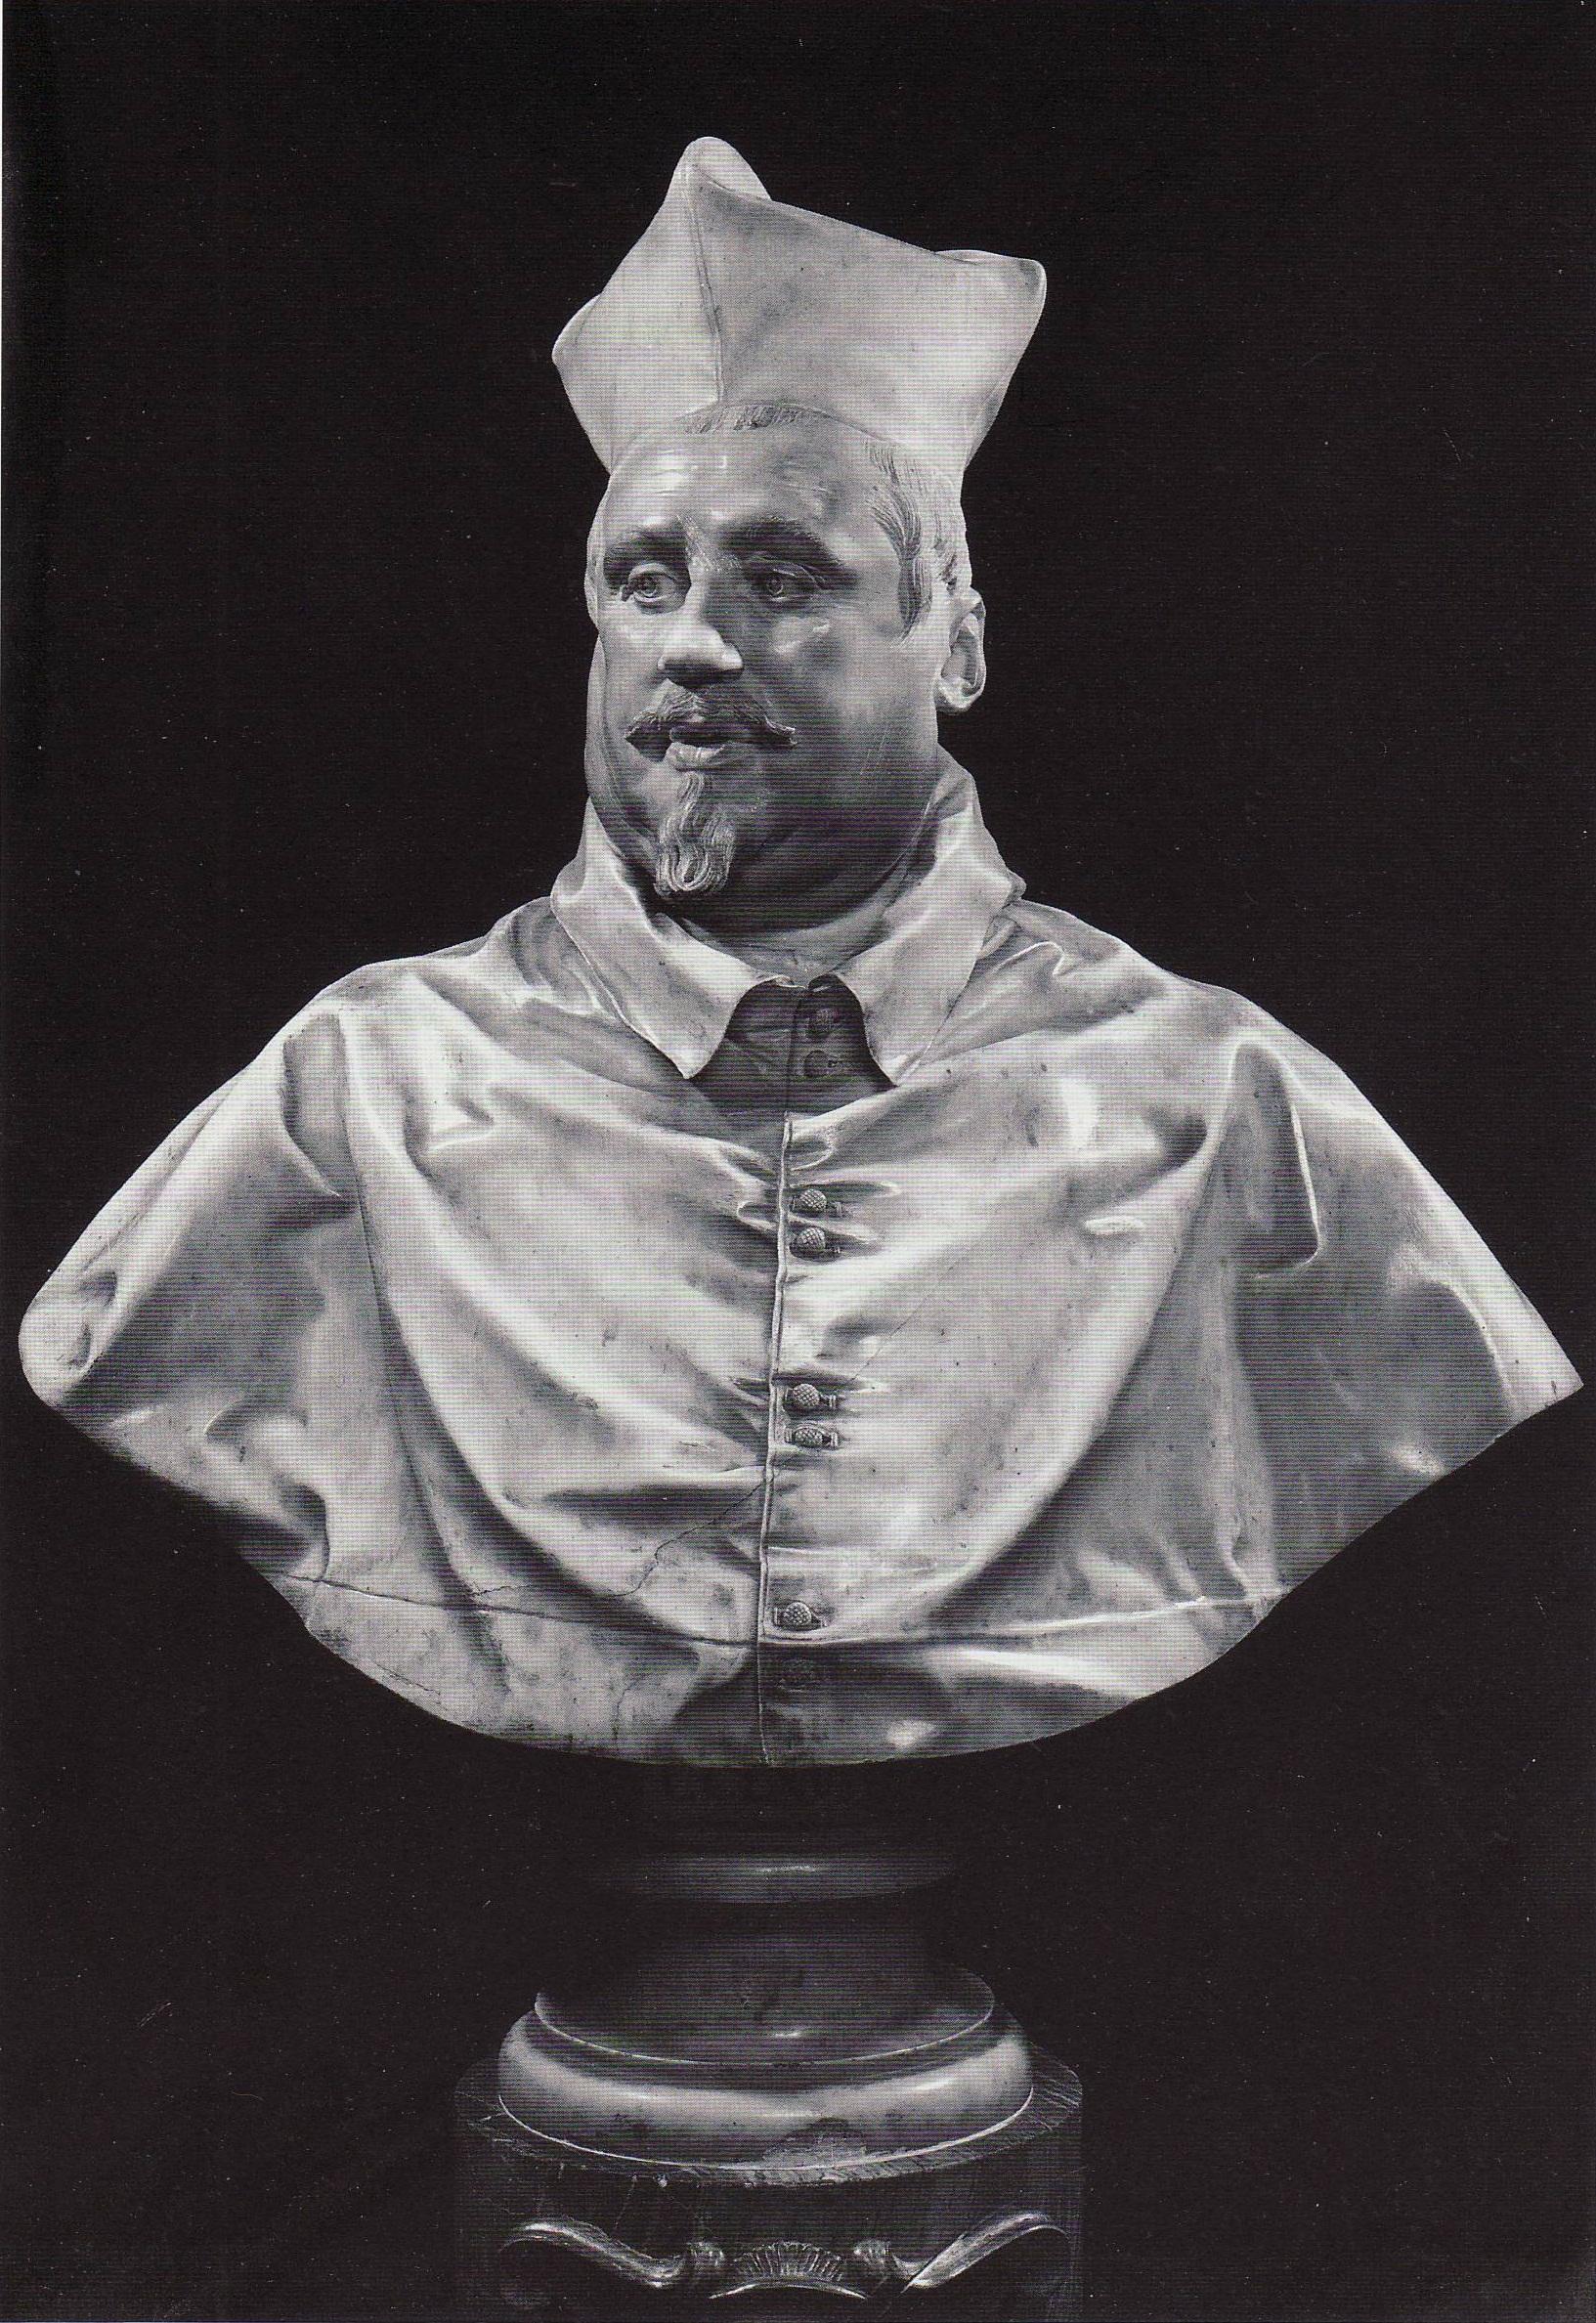 Scipione Borghese Bernini Bust of Scipione Borghese by